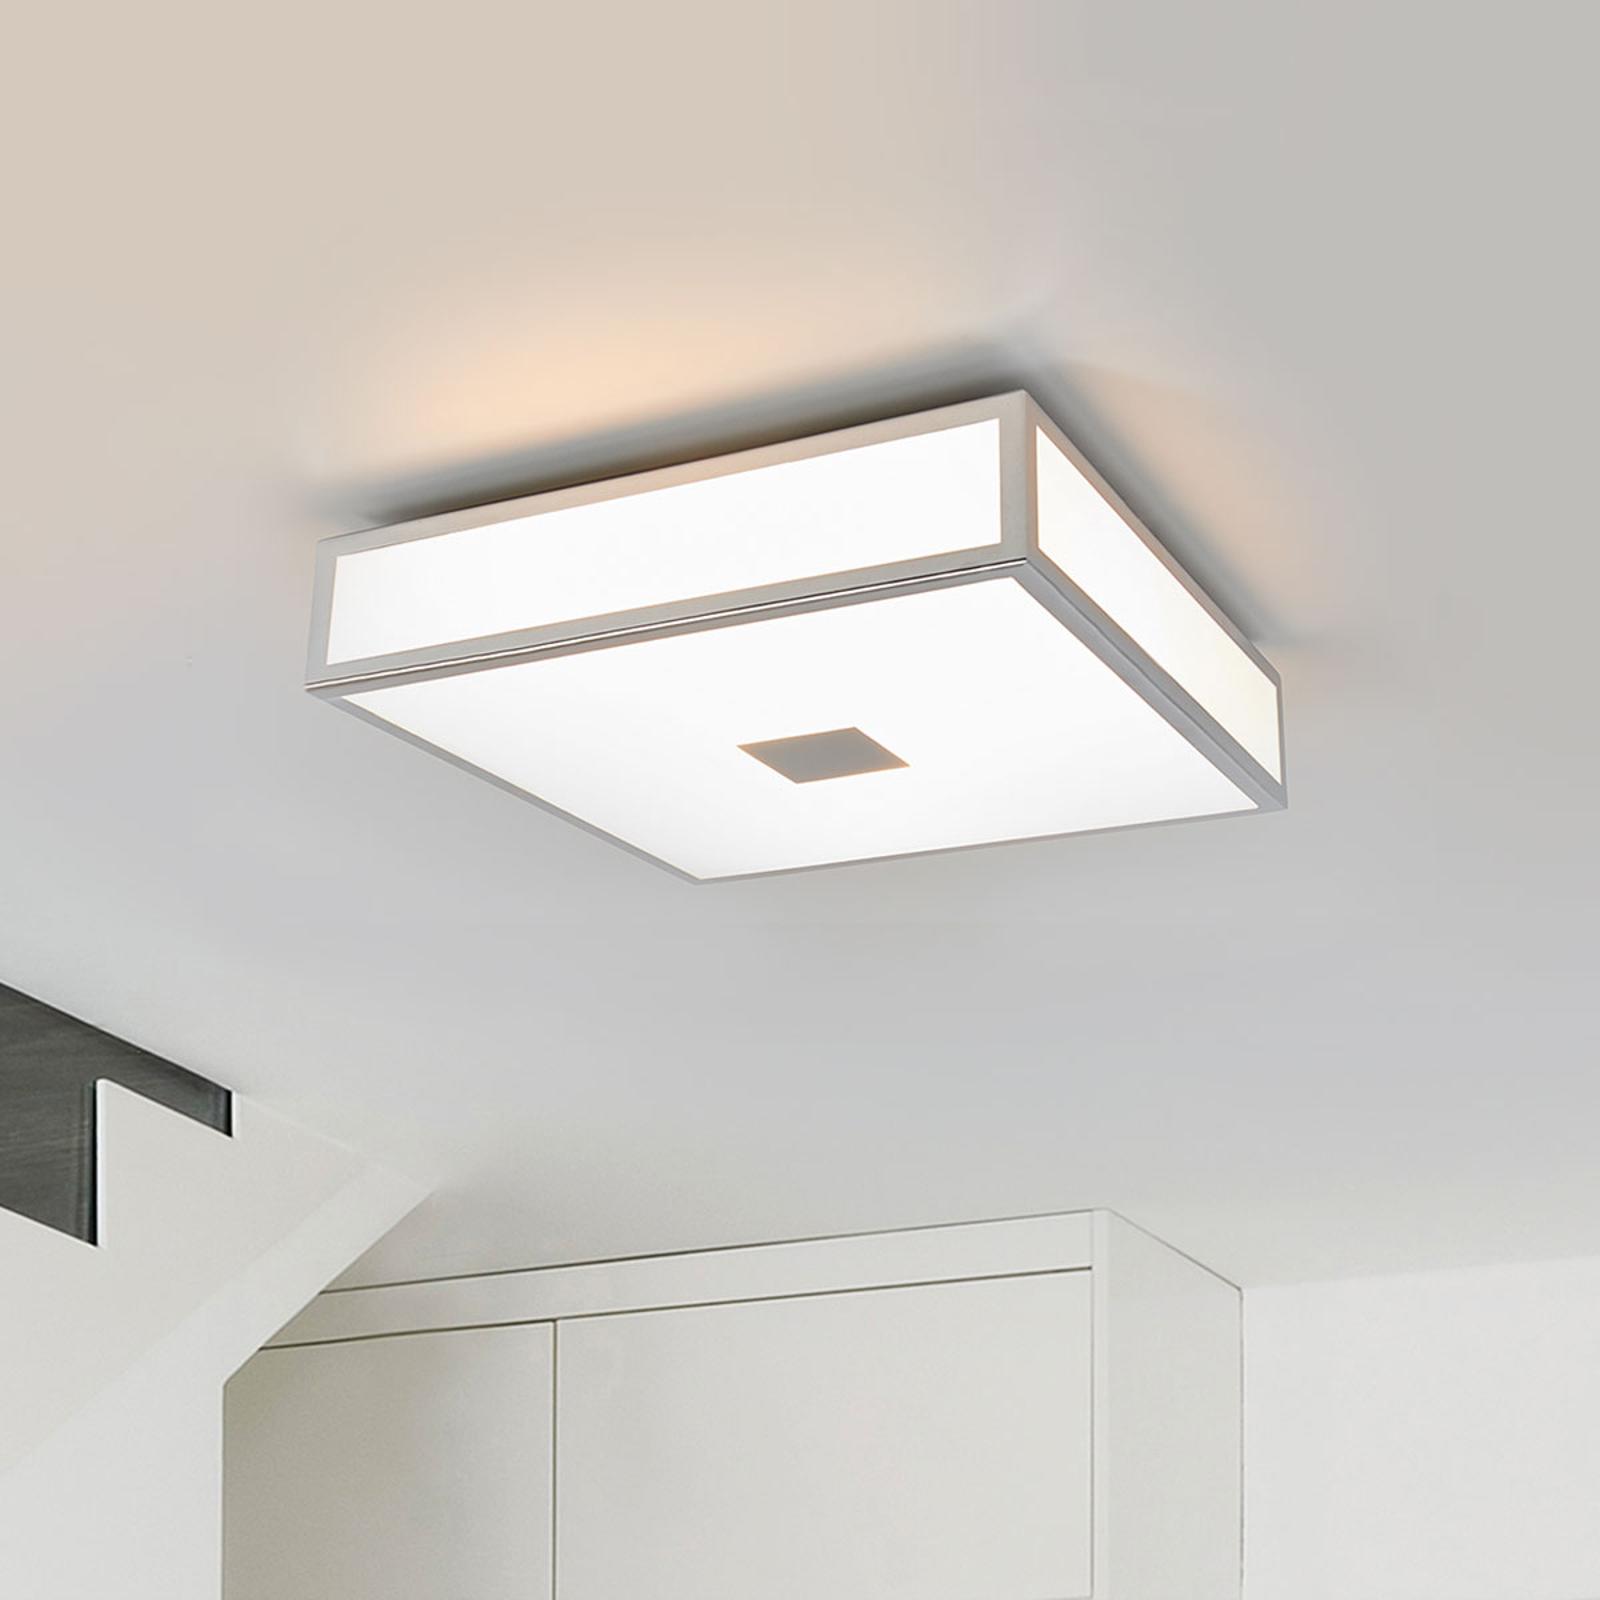 Chromowana łazienkowa lampa sufitowa Eniola